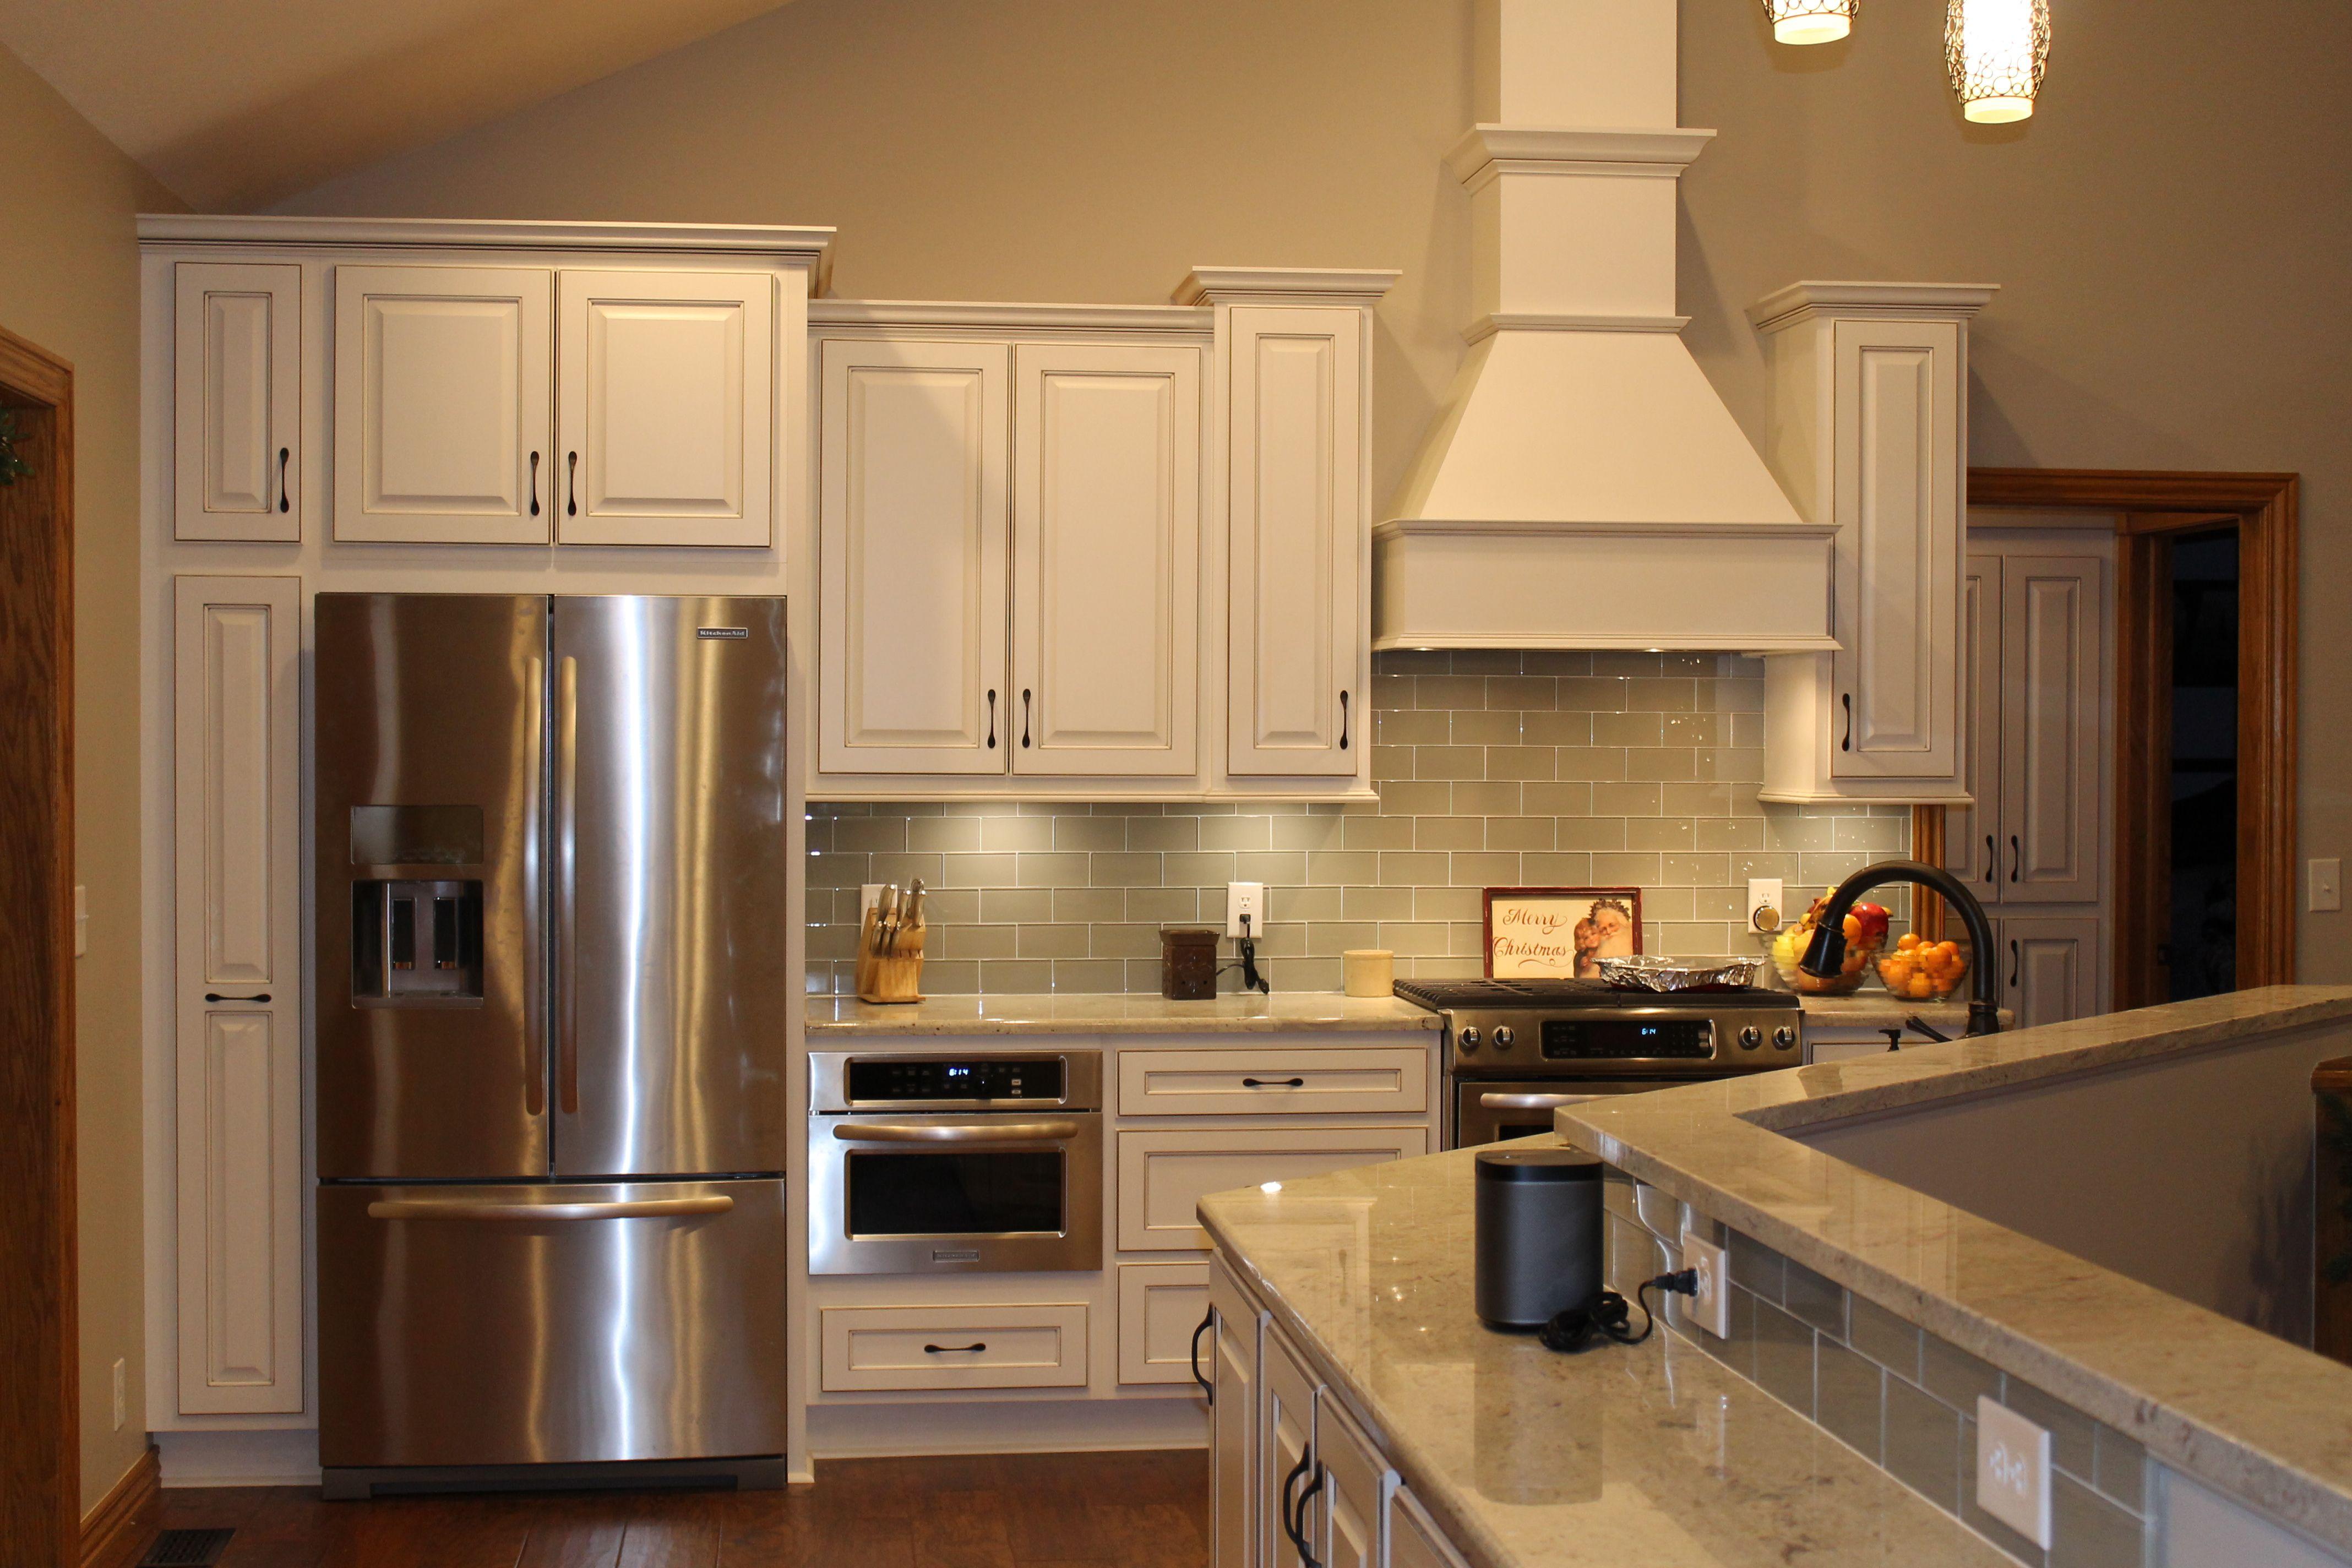 Chimney Style Hoods Kitchen Design Kitchen Remodel Kitchen Range Hood